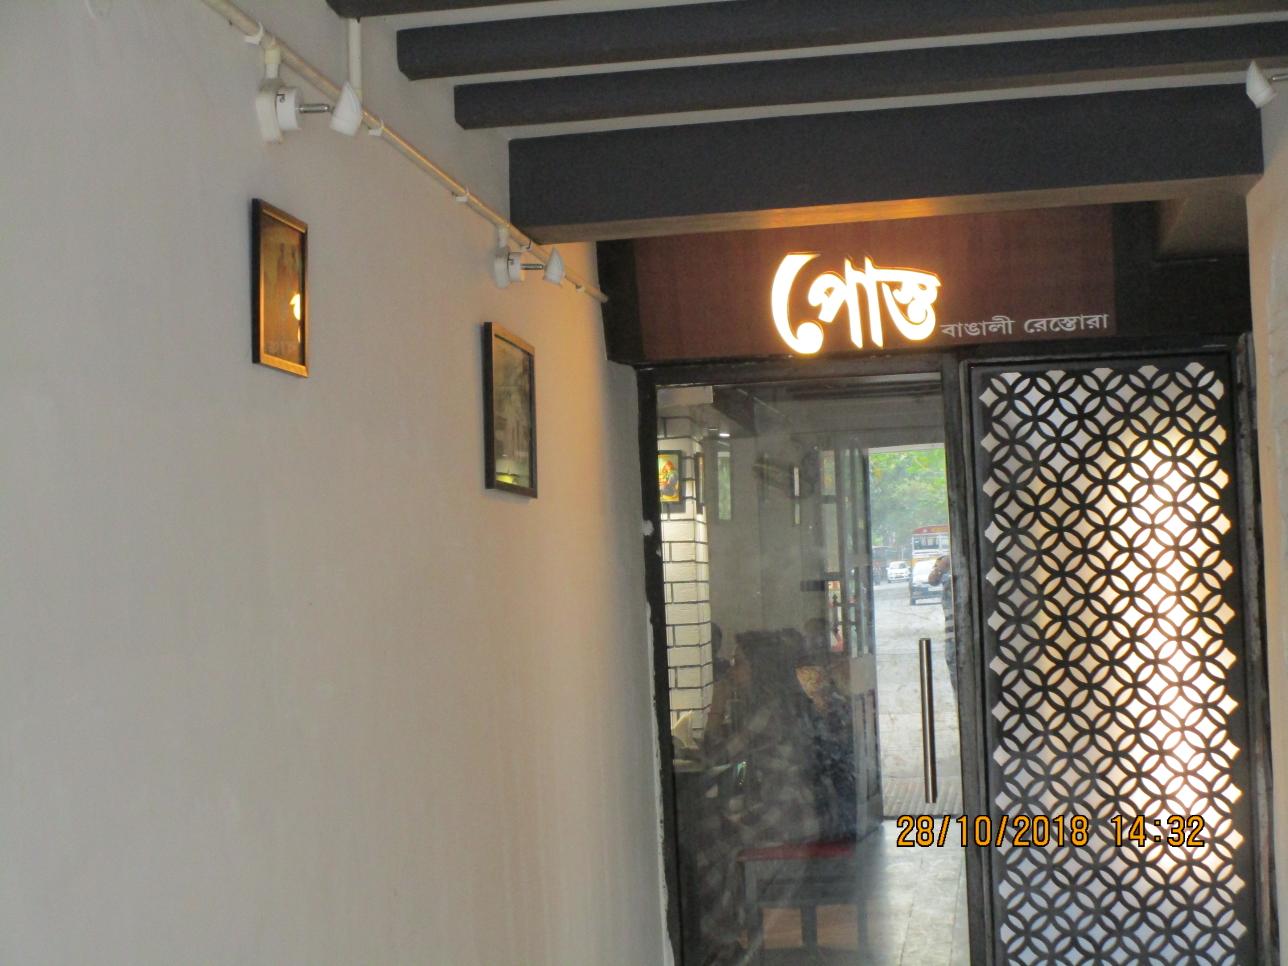 The Bhuribhoj Co.-Posto